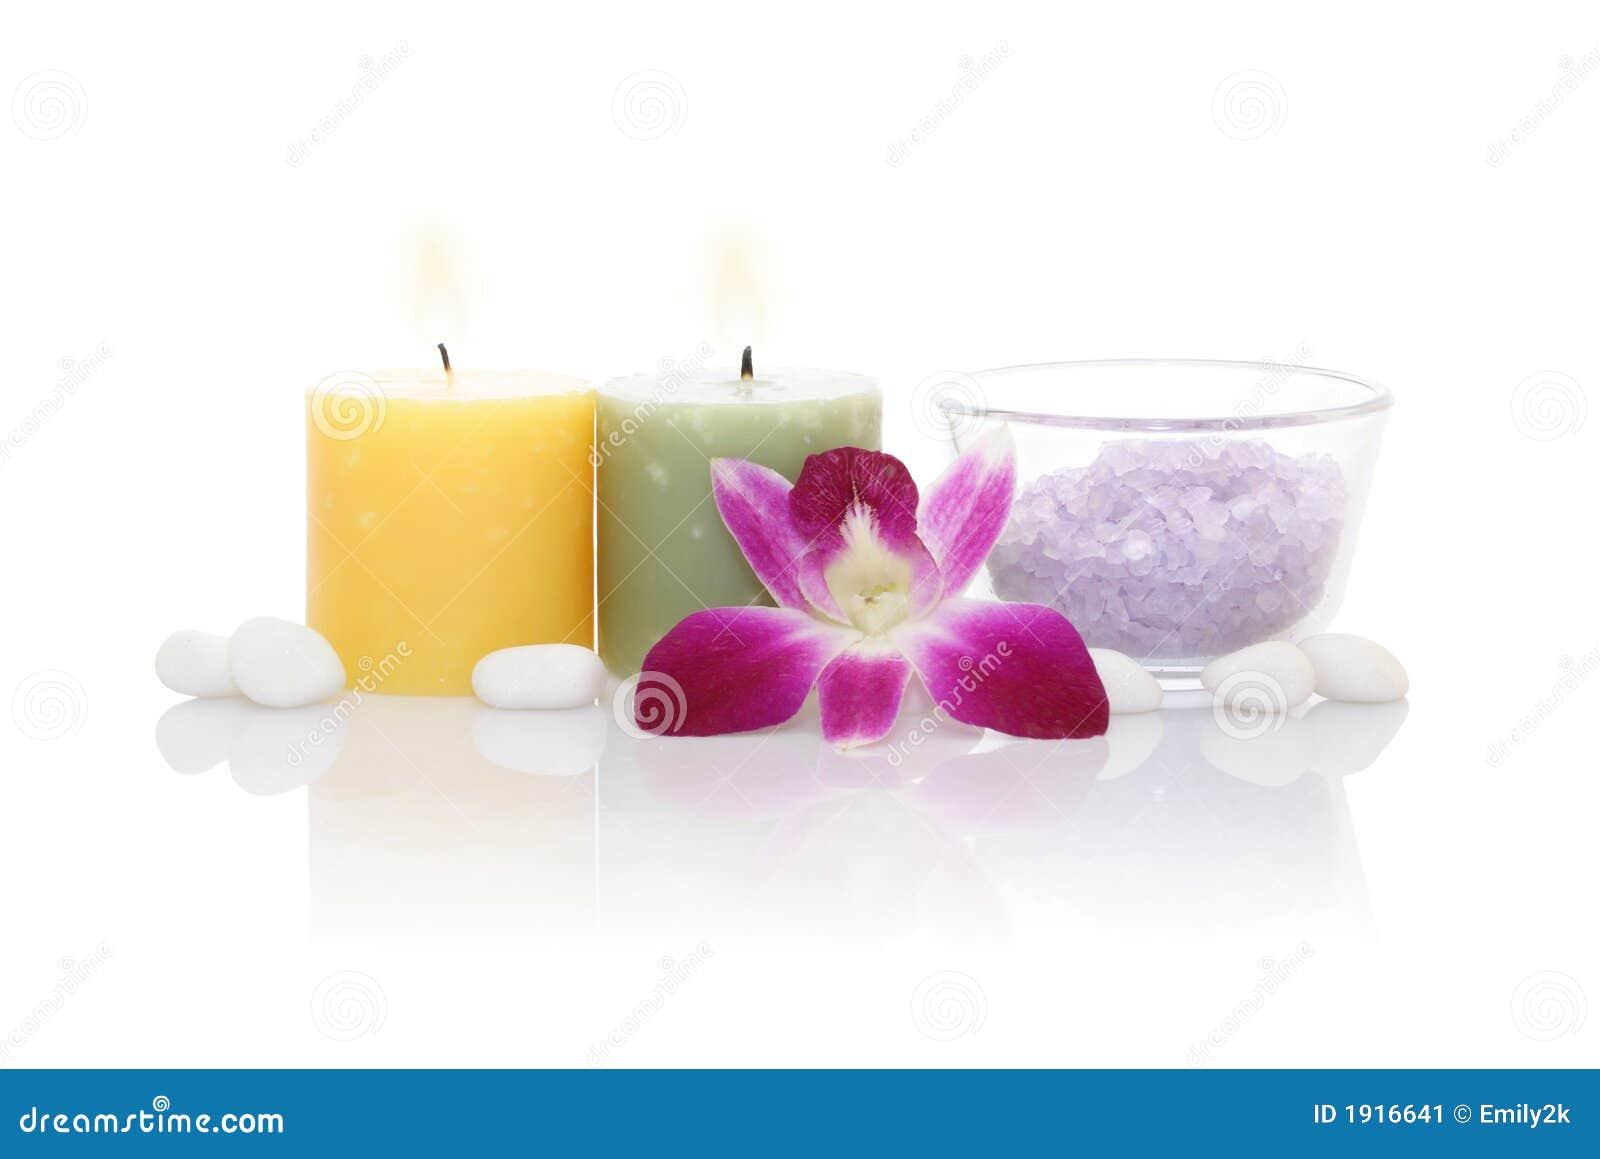 Velas sal de ba o y orqu dea arom ticas imagen de archivo - Bano con velas ...